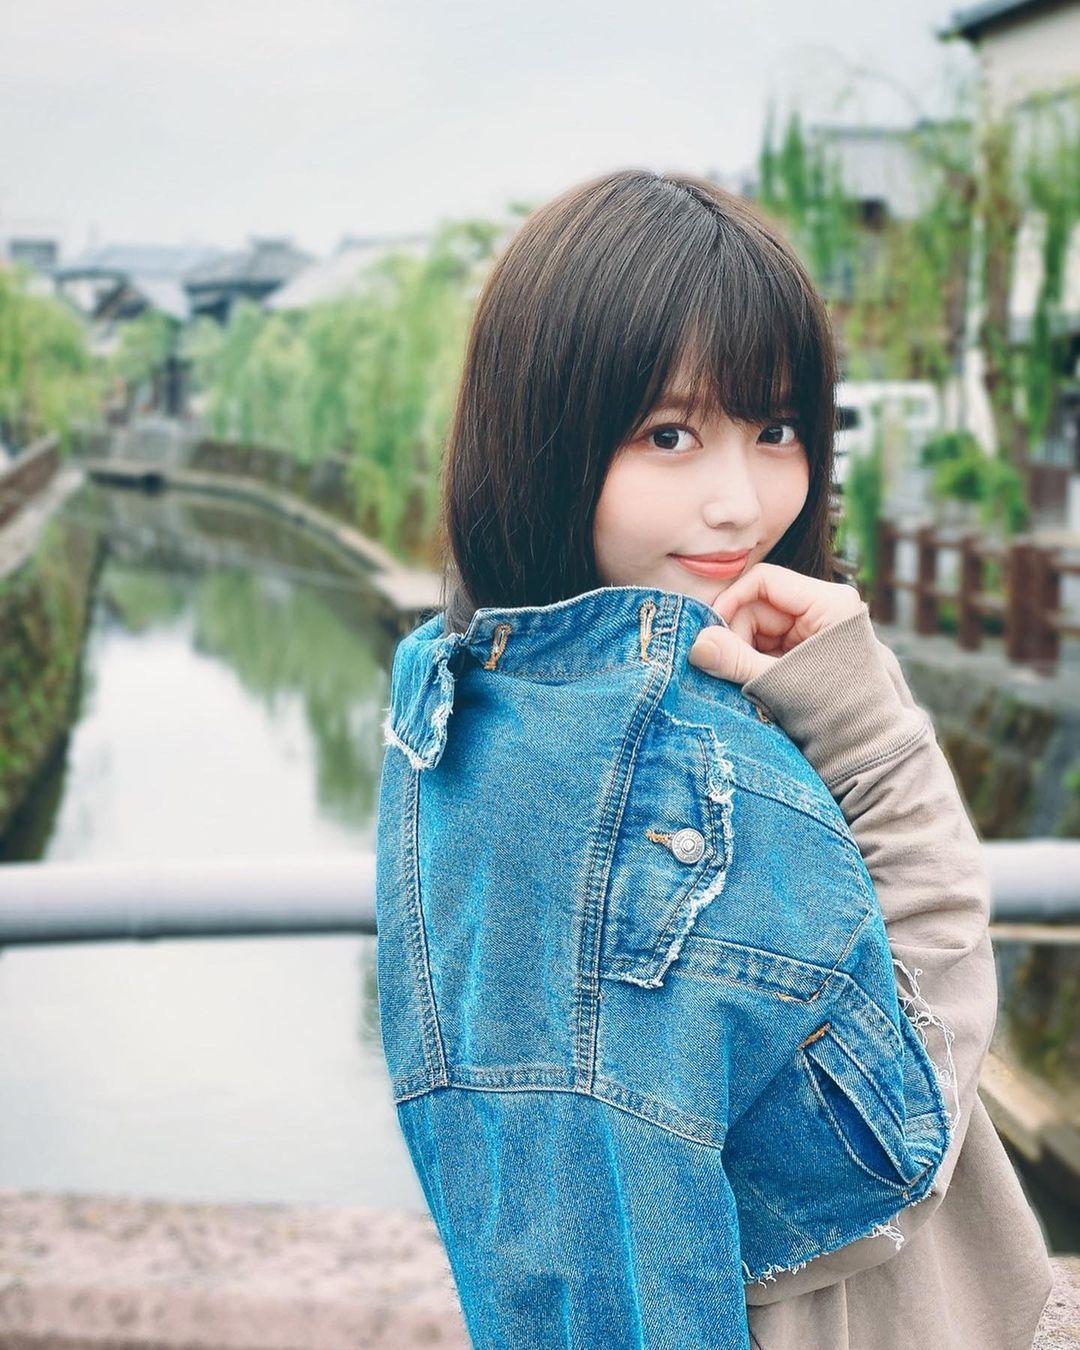 日本萌妹子ゆかっぴぃ化身「卡比兽」超卡哇伊,让人忍不住想收服啊! 下福利采集发布7N5.NET